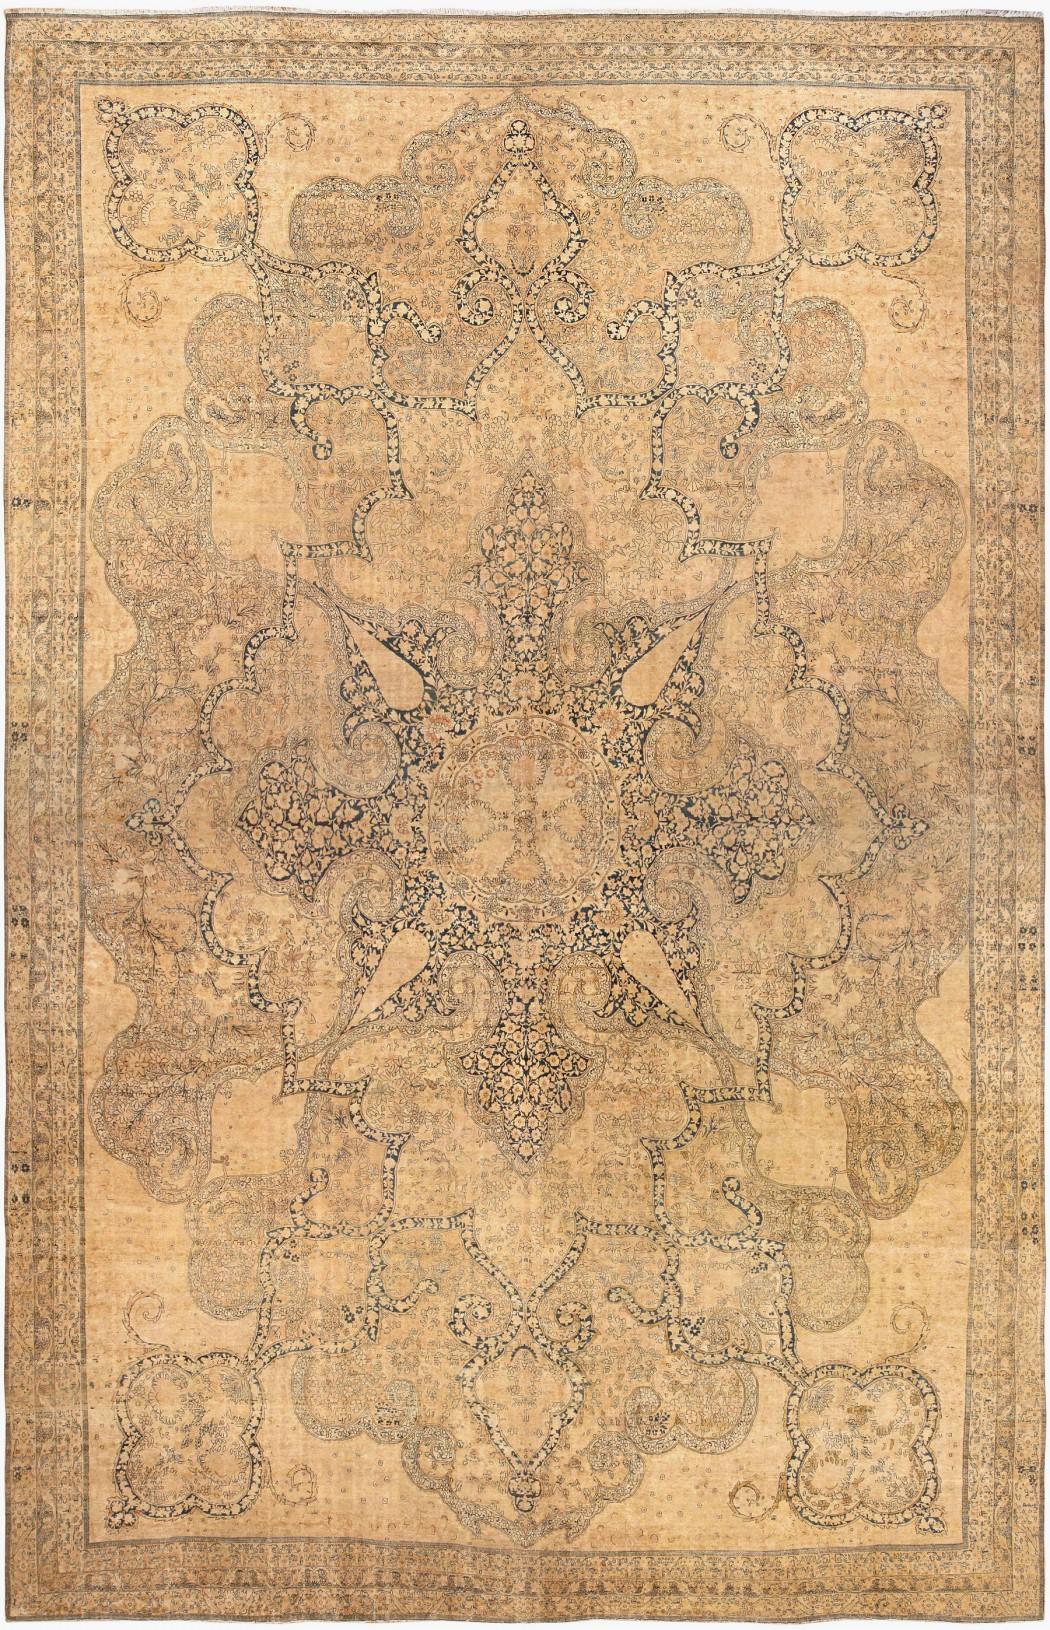 Antique Persian Kerman Rug 44616 By Nazmiyal